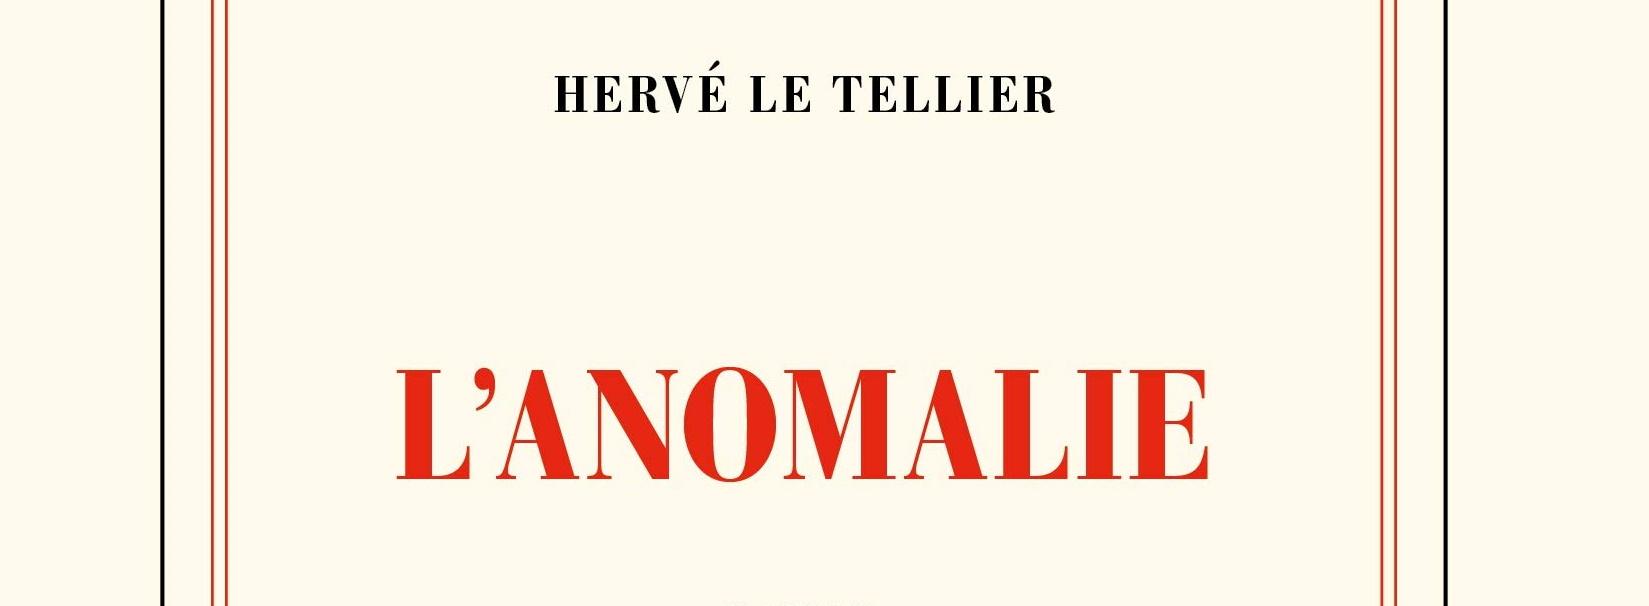 Le prix Goncourt 2020 décerné à un roman d'imaginaire !